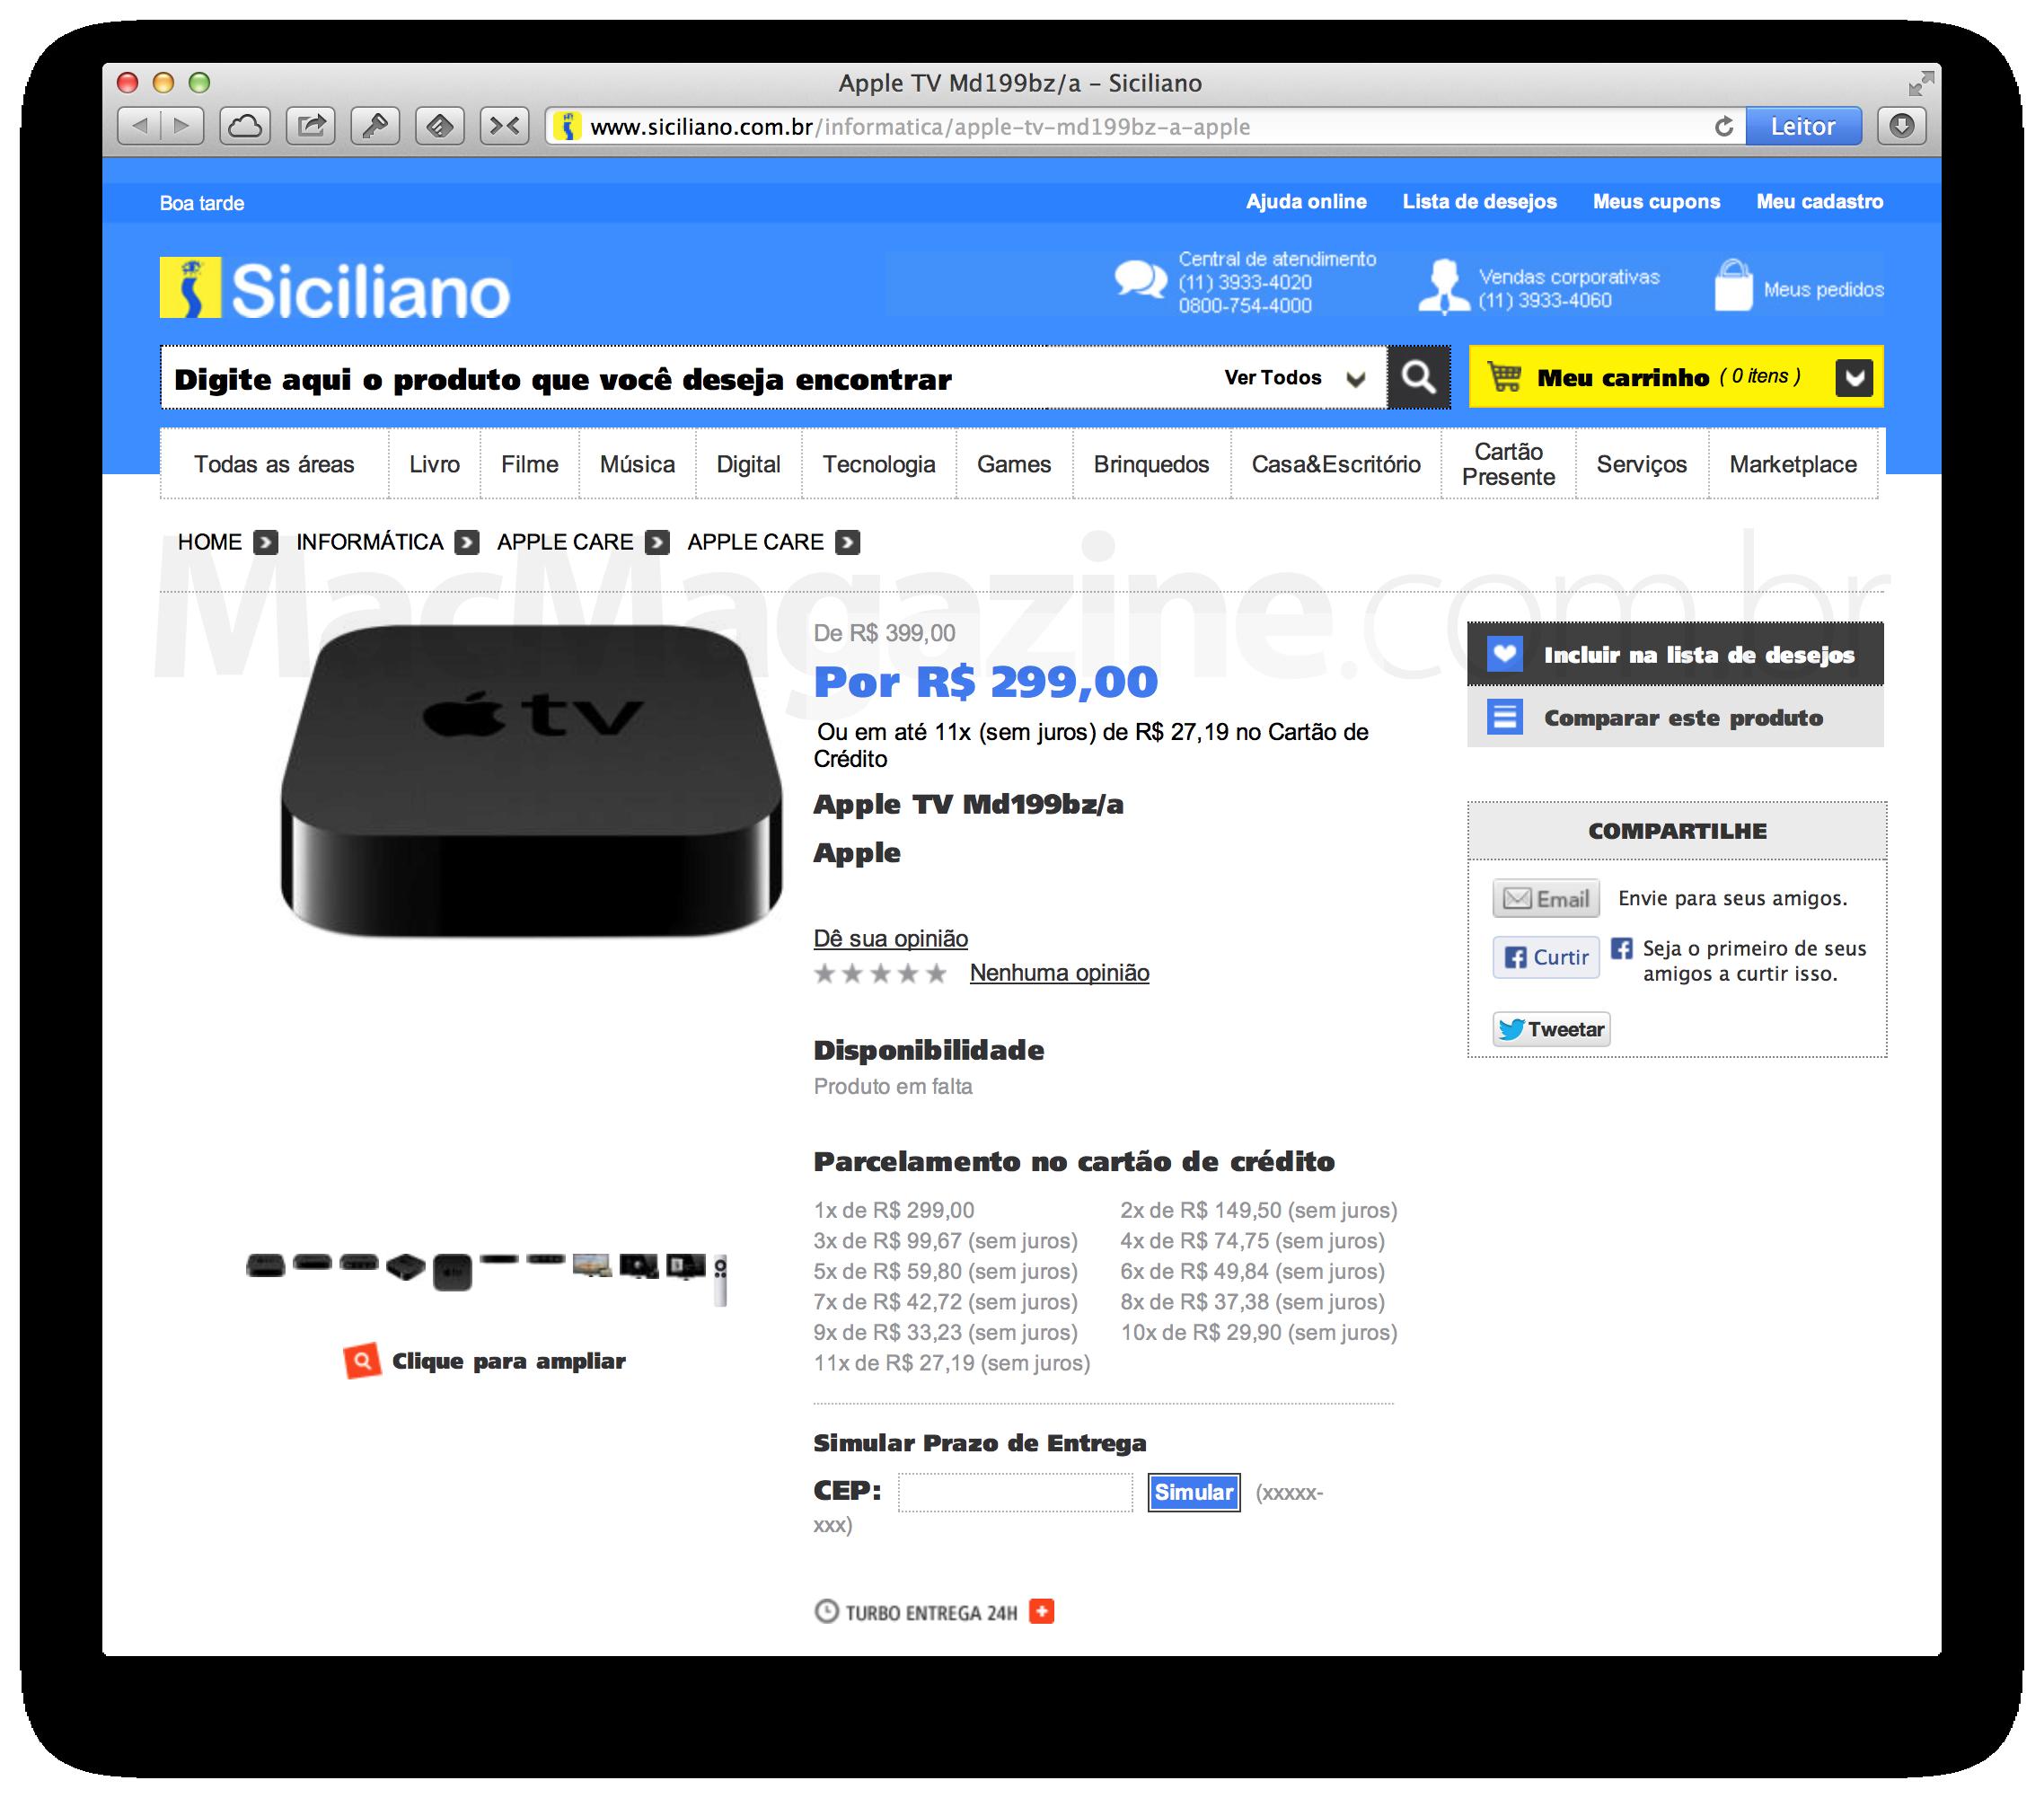 Apple TV à venda na Siciliano